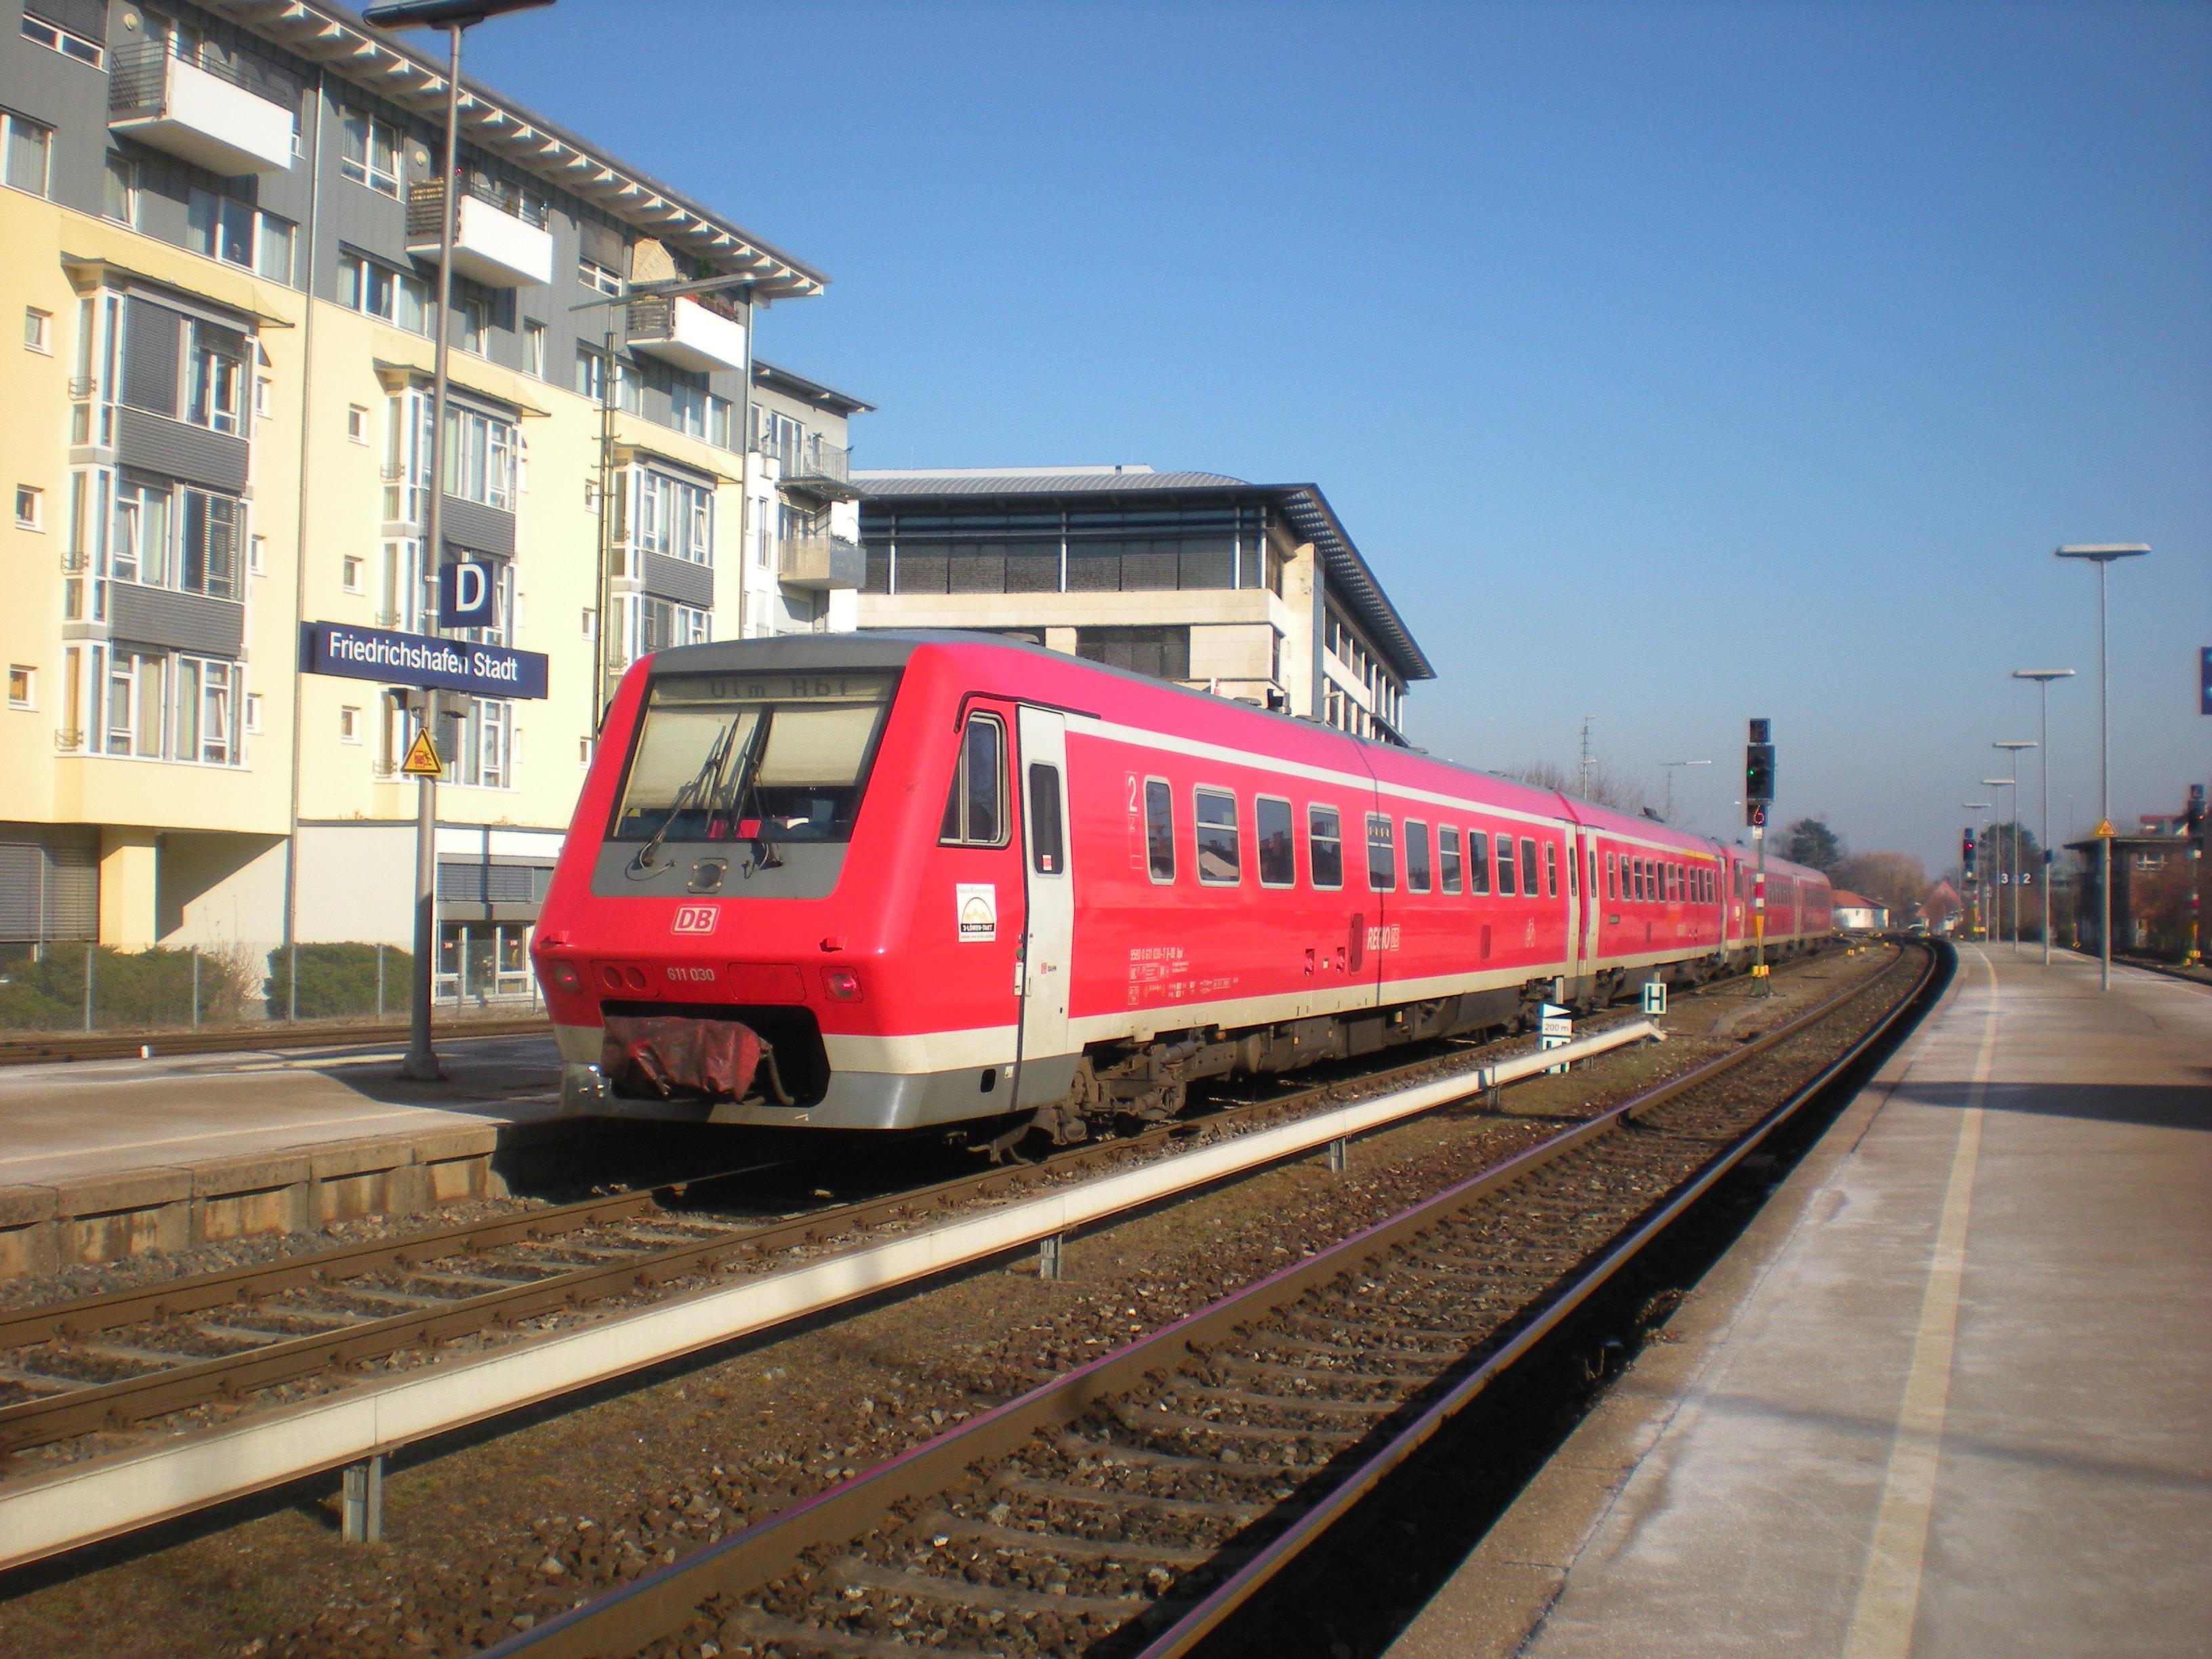 загородную недвижимость поезд из ульмв до фридрихсхафена разрешения индивидуальное